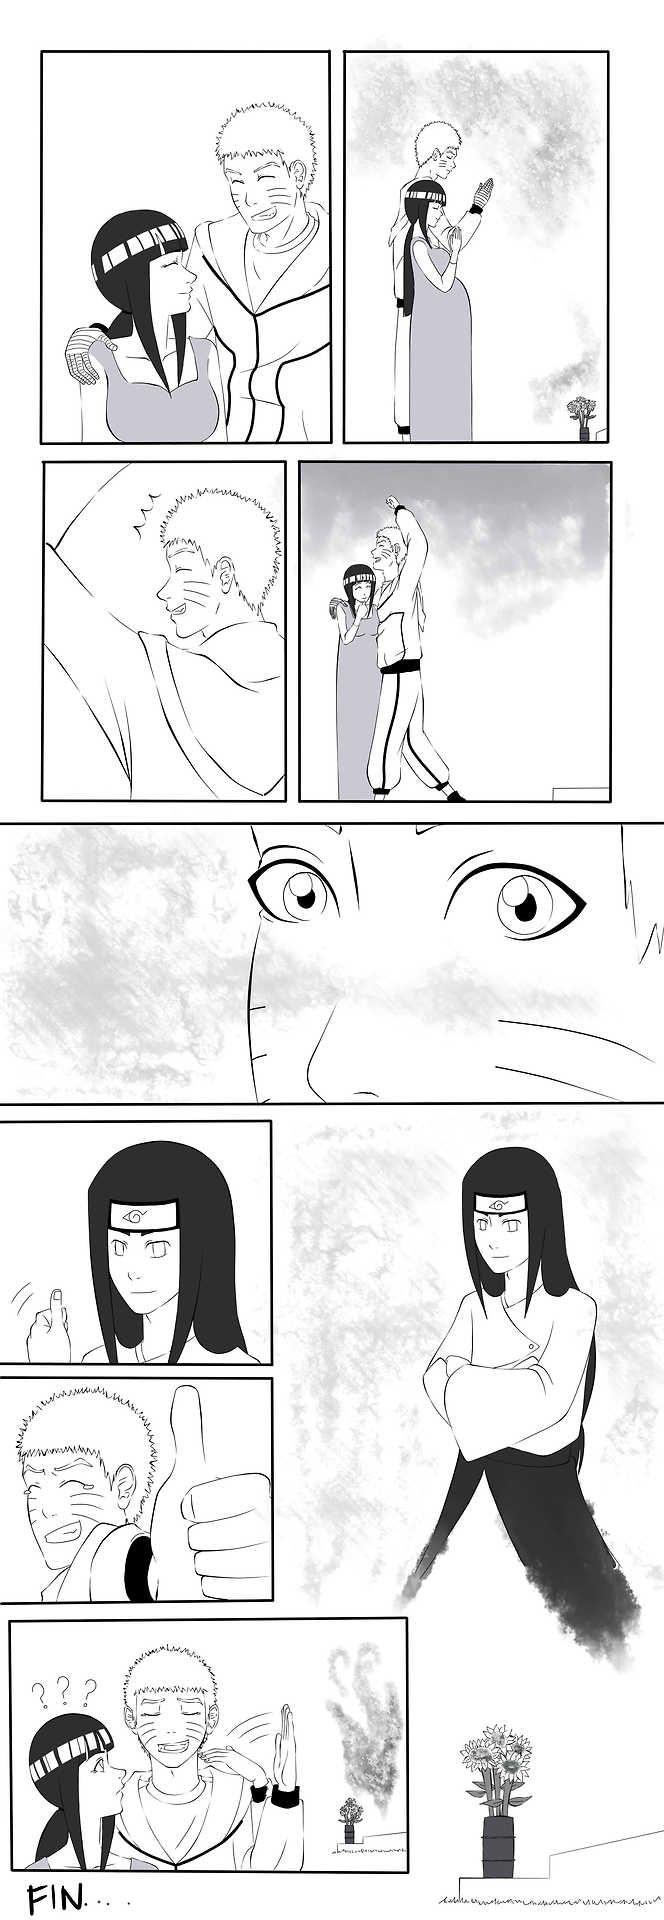 hentai toon comic